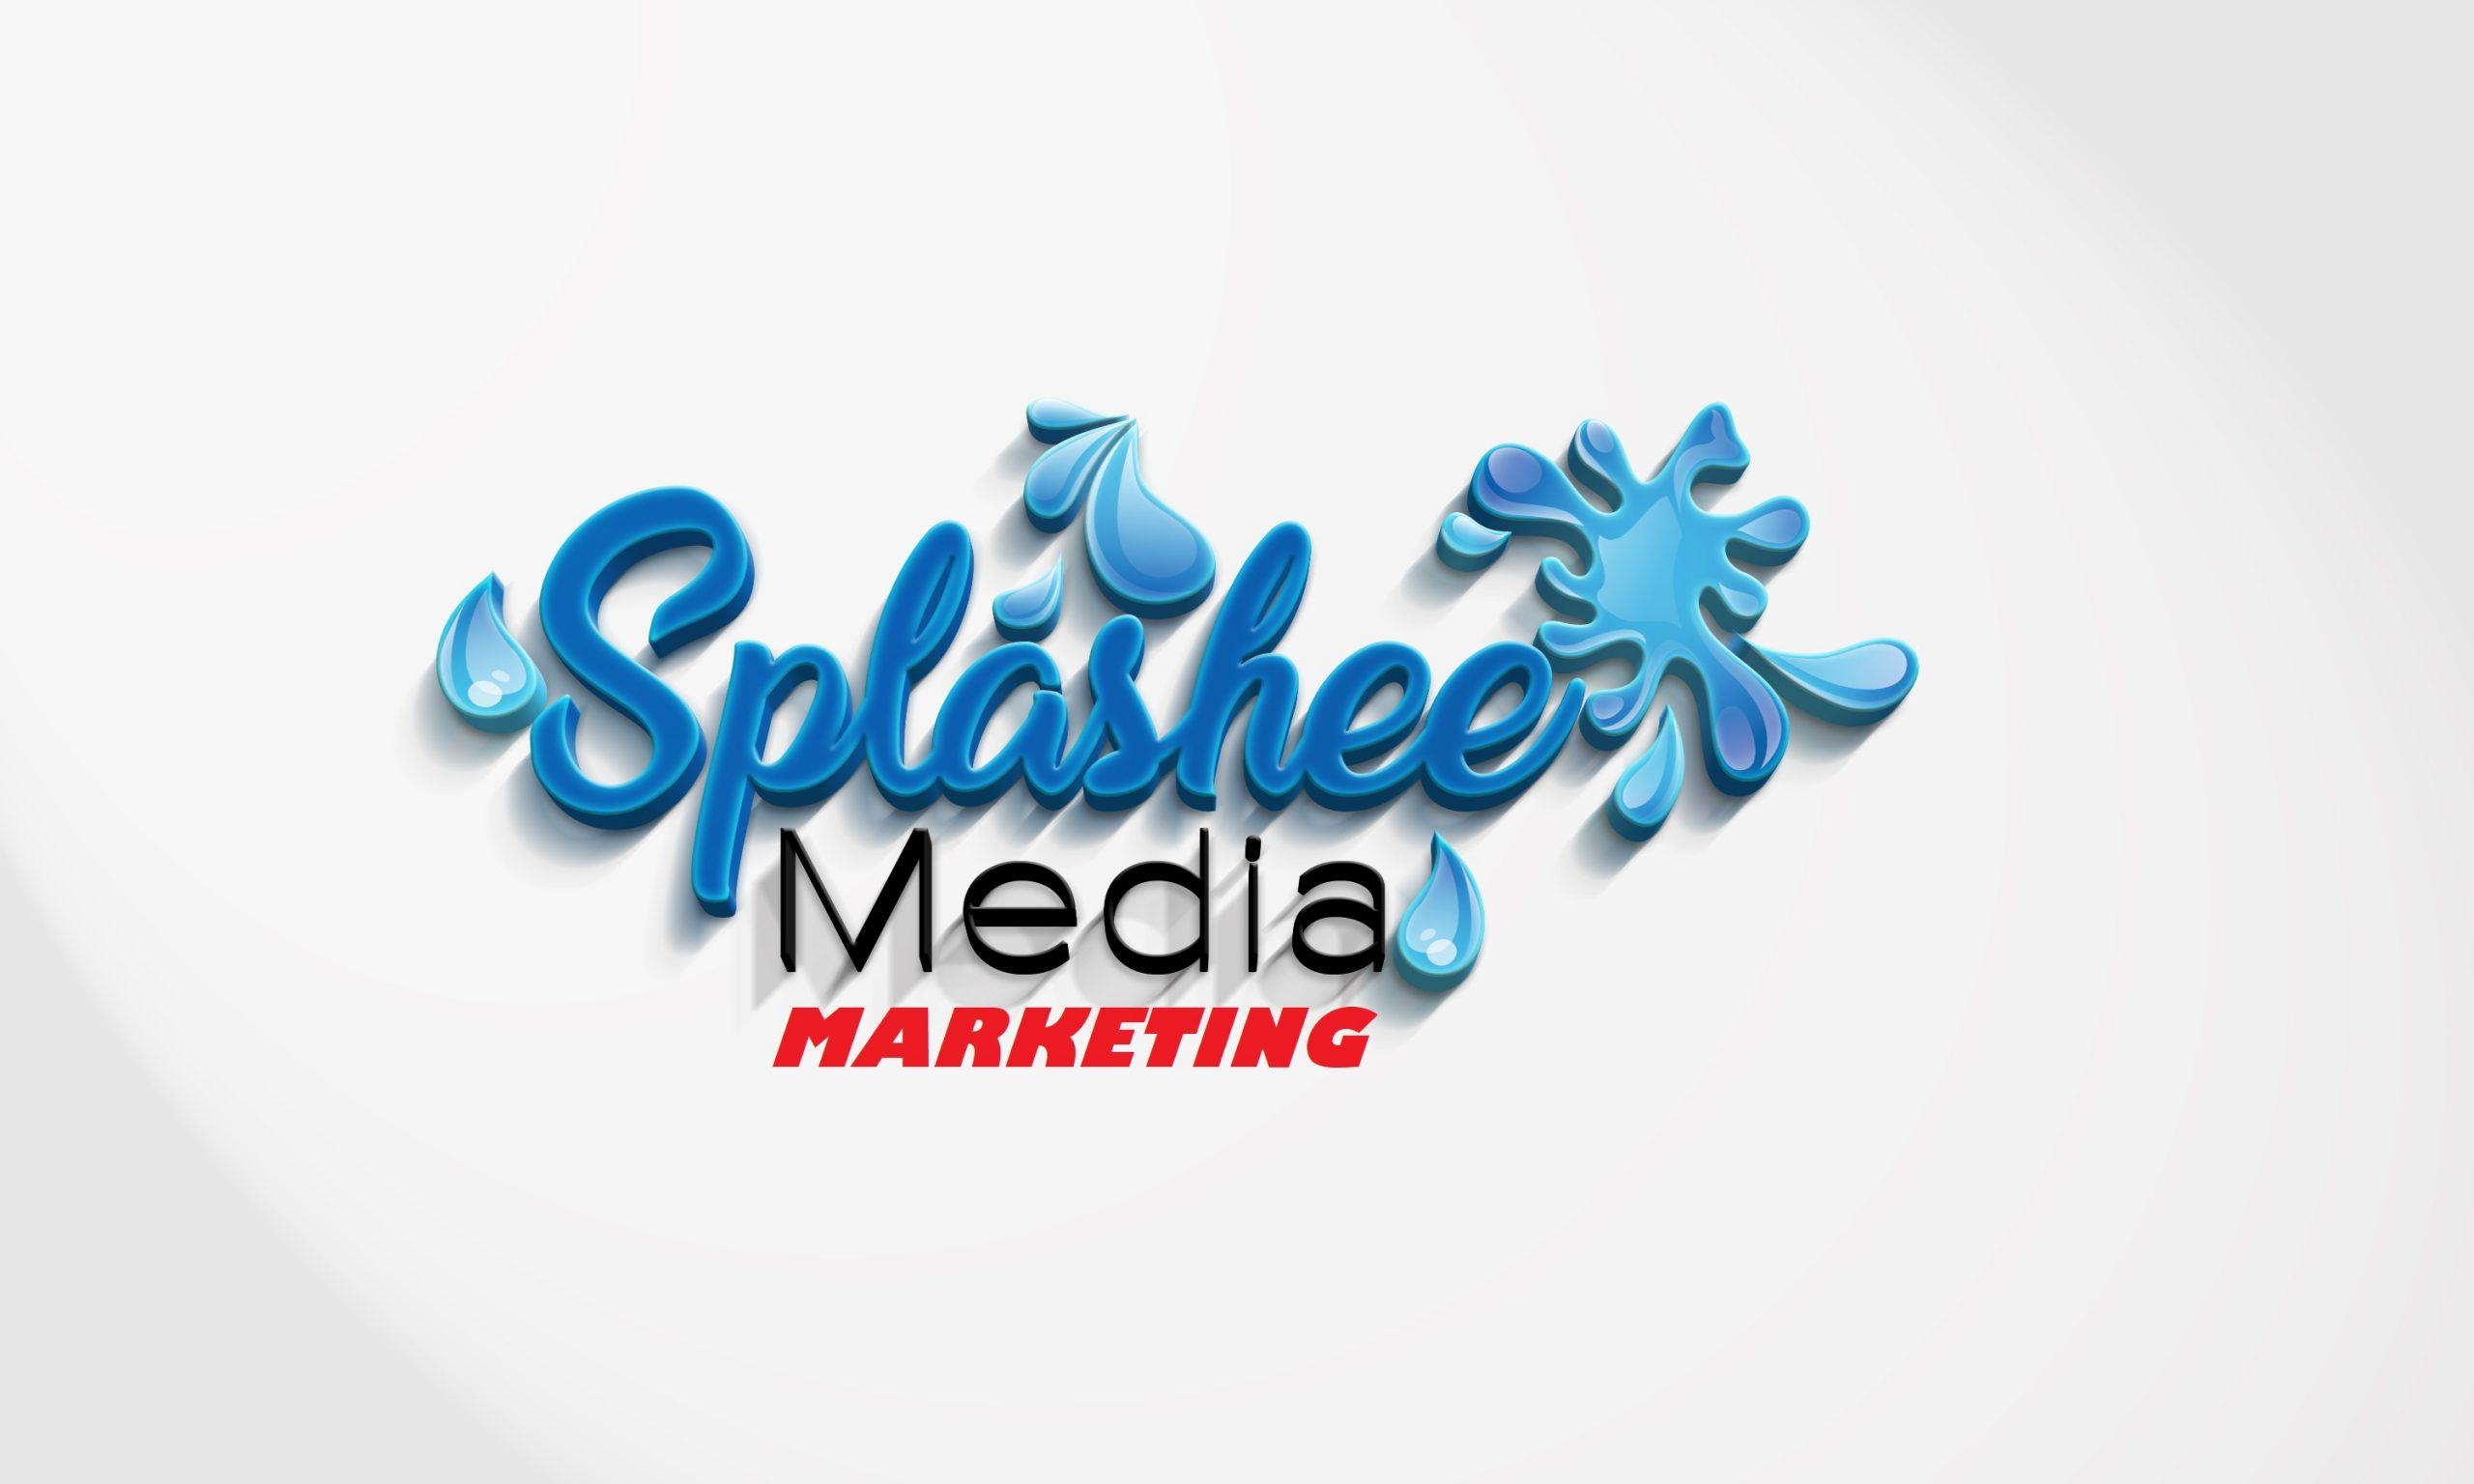 Splashee Media Marketing